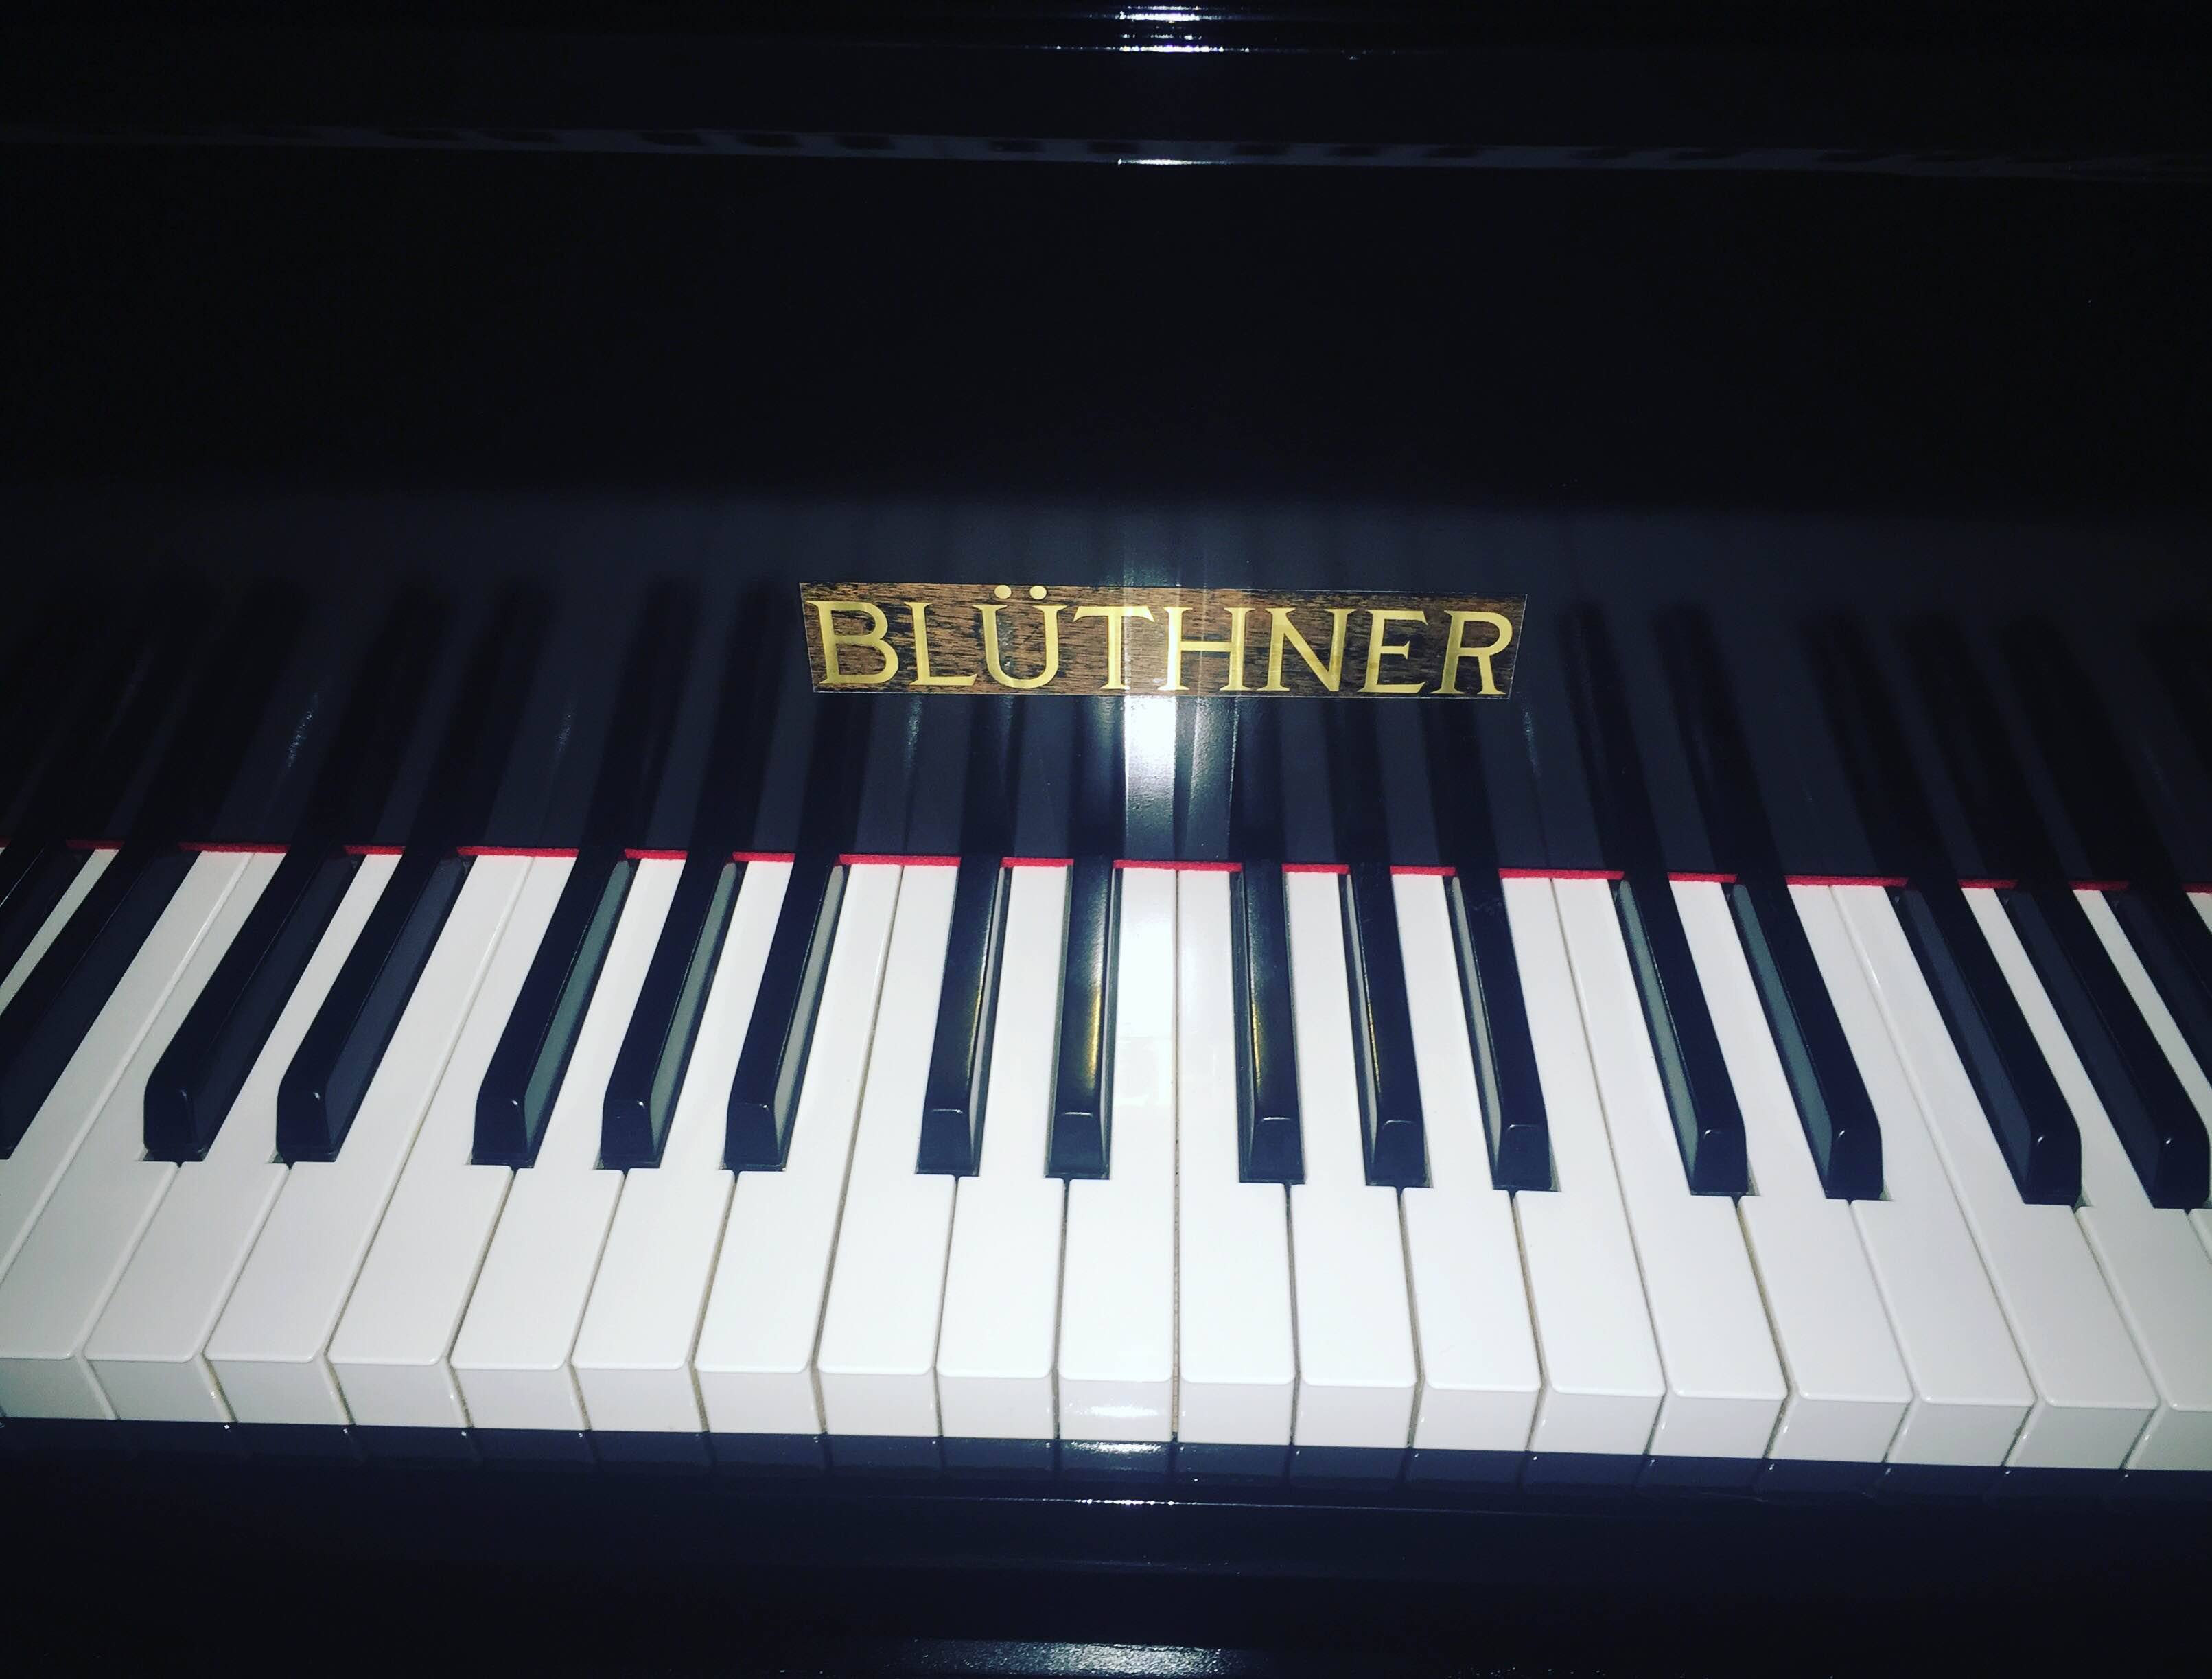 Pianul a fost recondiționat de echipele Jazz Day și Beard Brothers prin campania #1banpentrupian.